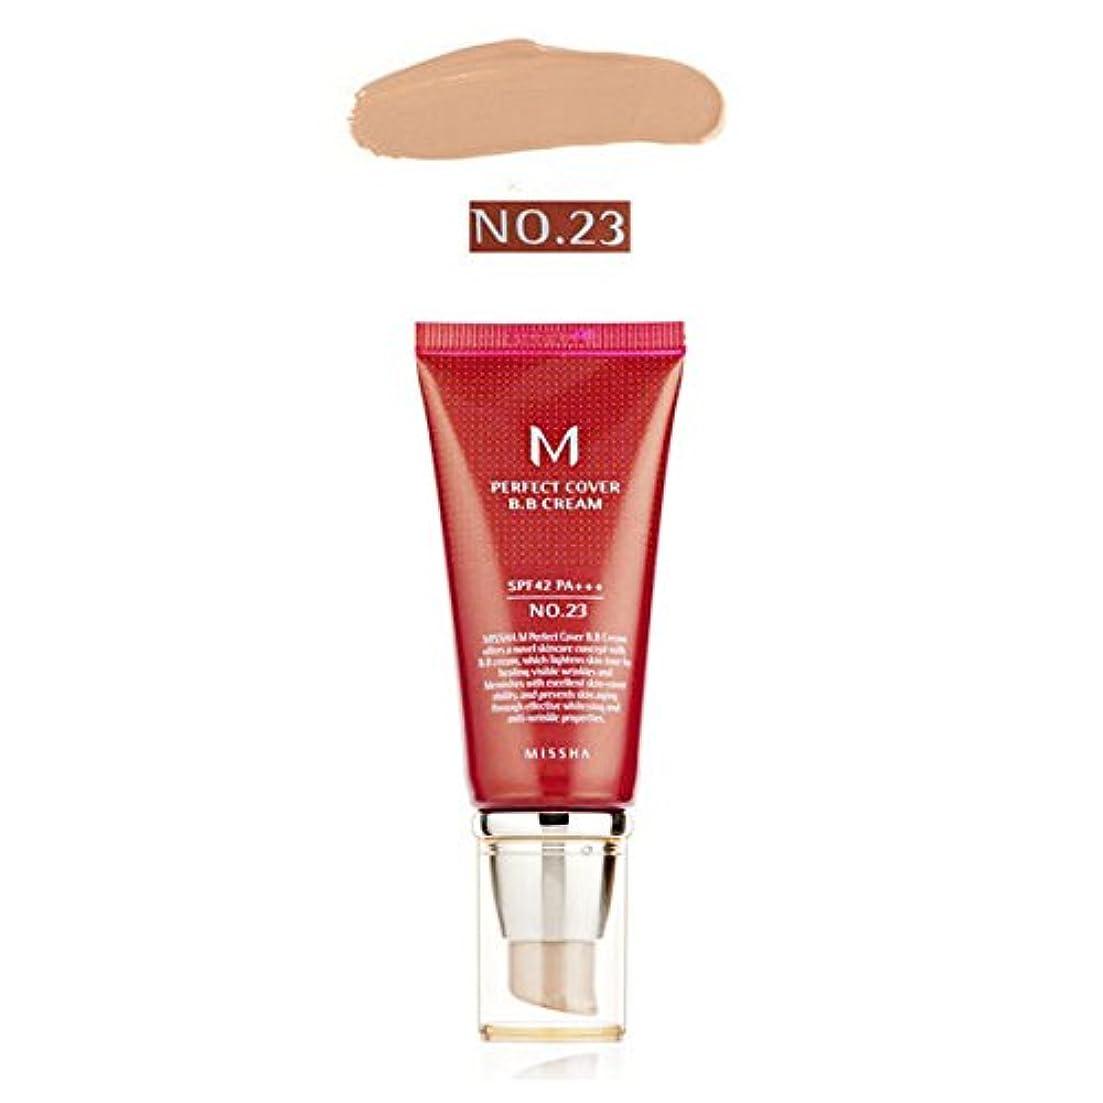 オフ安全性安全でない[ミシャ] MISSHA [M パーフェクト カバー BBクリーム 21号 / 23号50ml] (M Perfect Cover BB cream 21号 / 23号 50ml) SPF42 PA+++ (Type2 : No.23 Medium Beige) [並行輸入品]